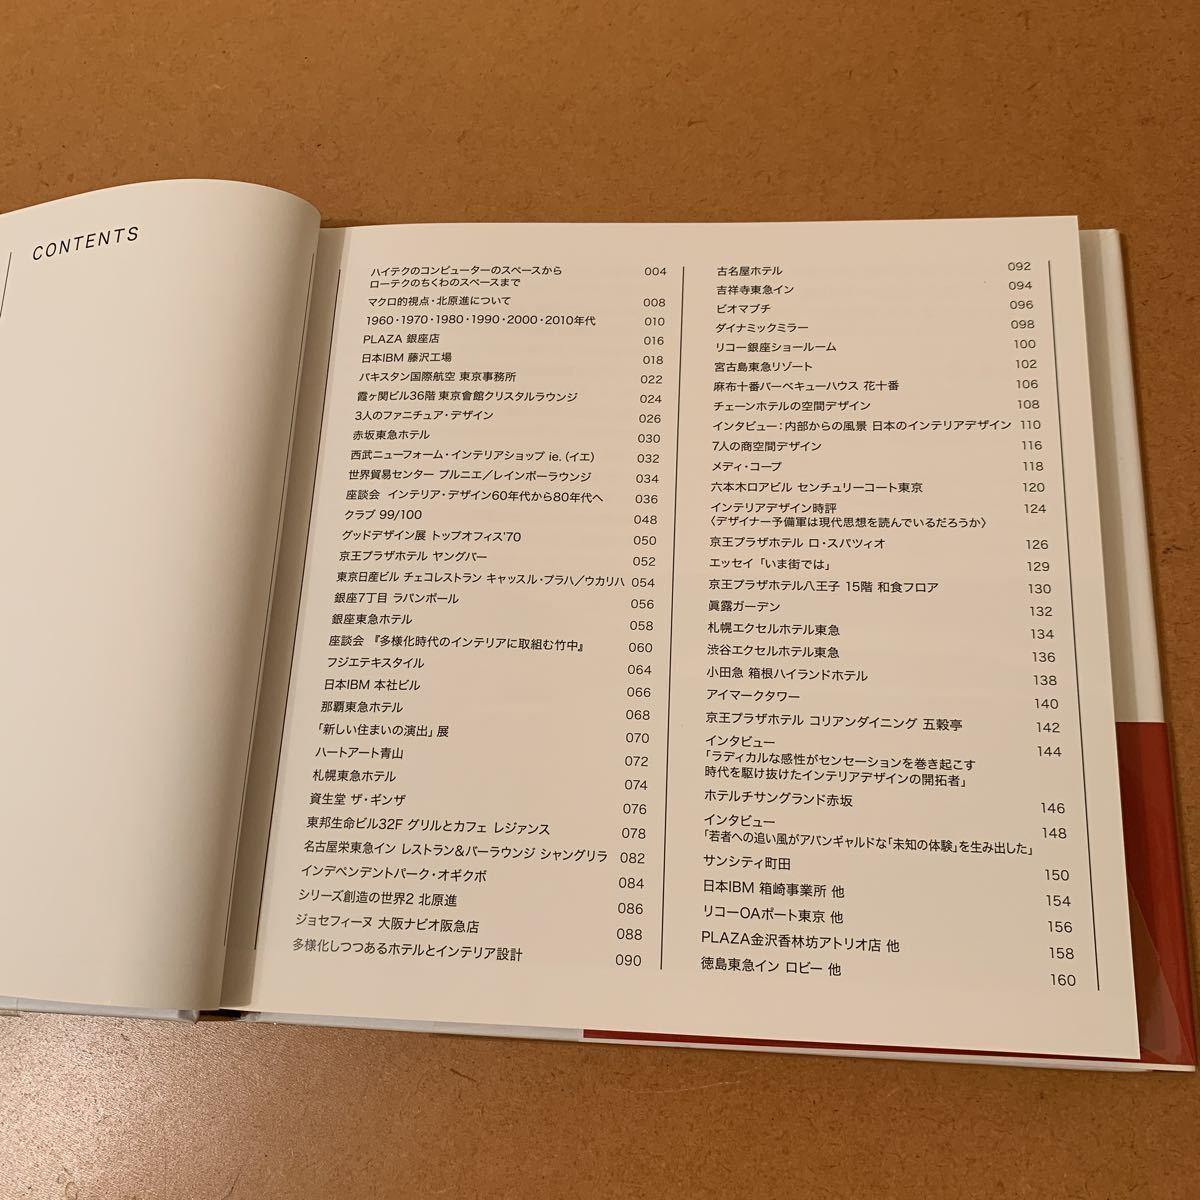 【送料無料】インテリア/建築本「北原進のモダニズム/インテリア・デザイン1960~2000年代 半世紀の軌跡」2018年10月第1刷発行_画像5